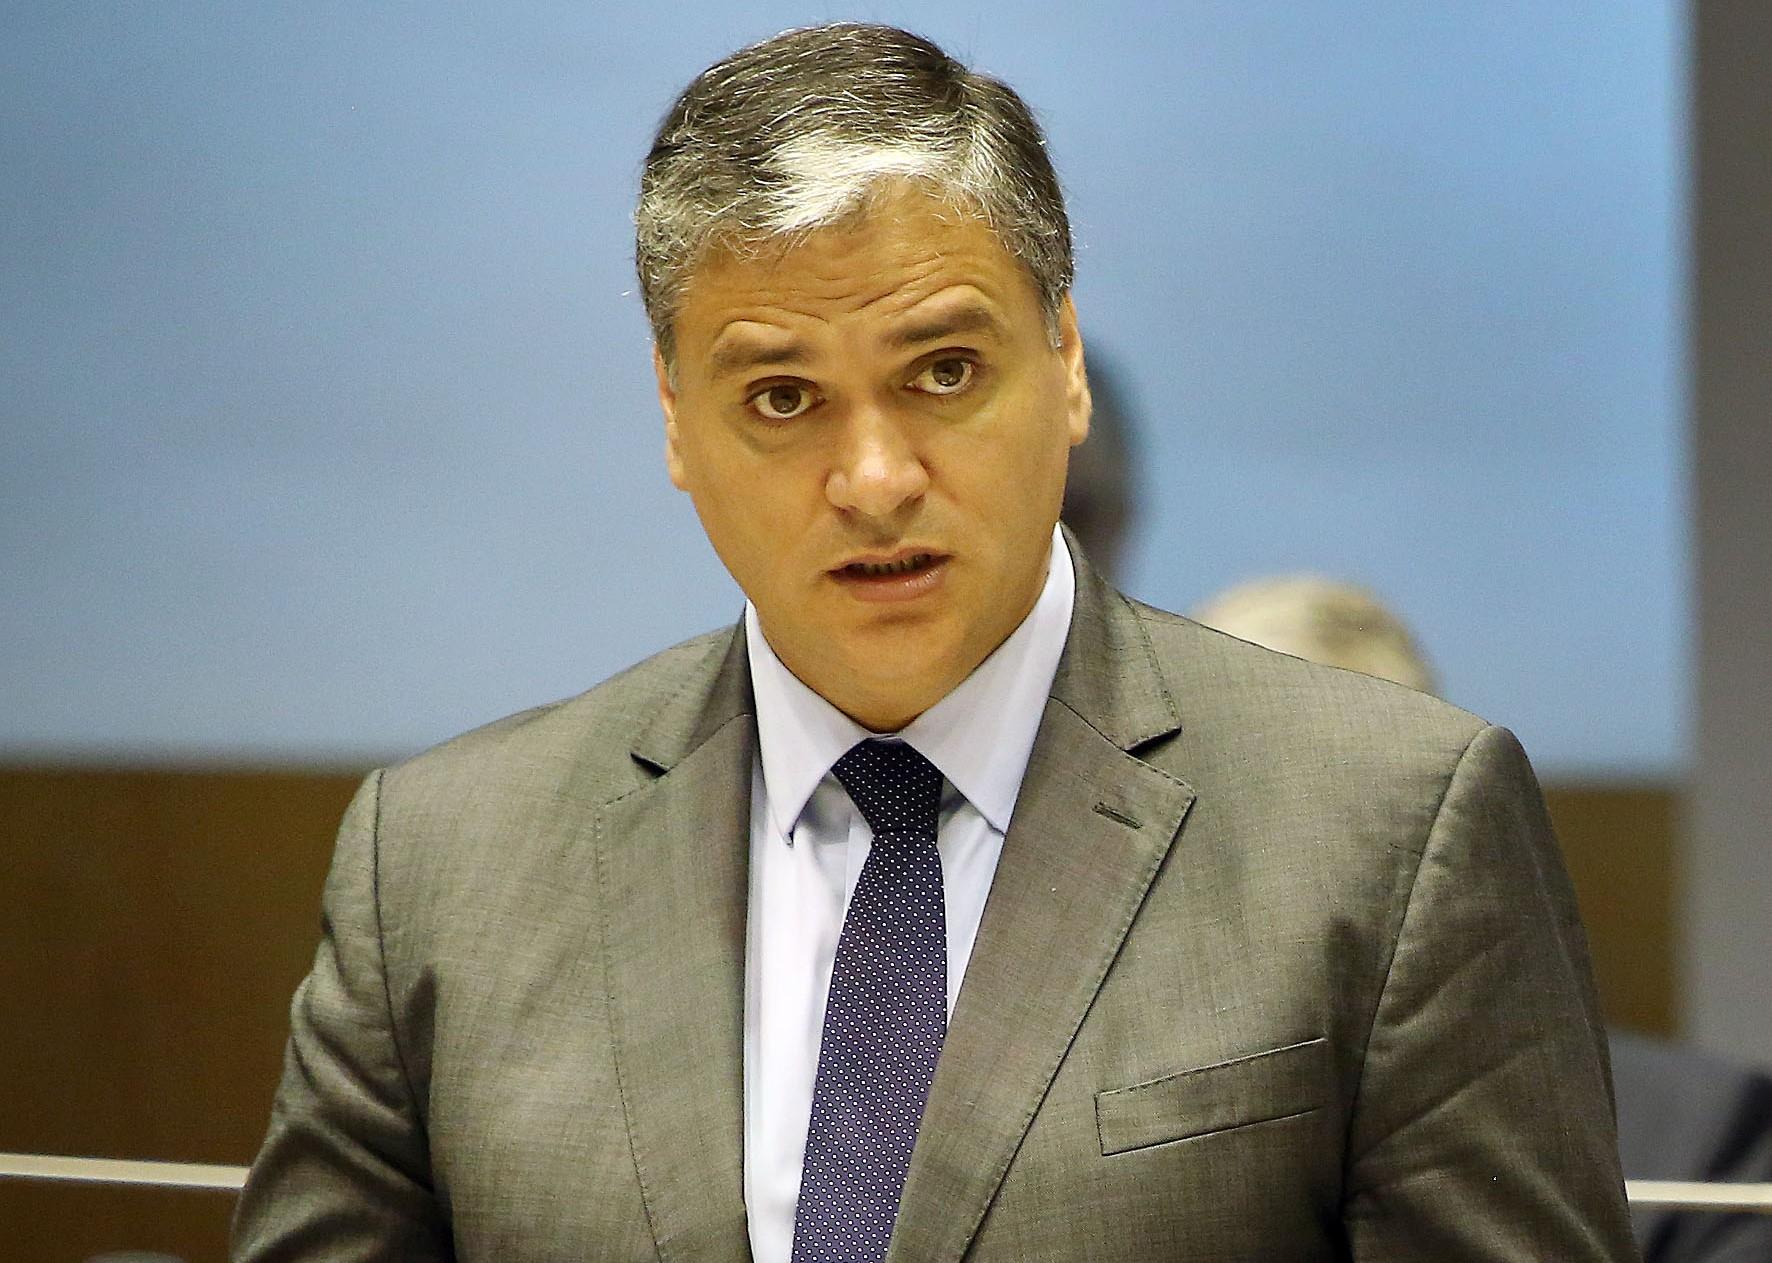 Resolução do Parlamento dá mais força ao trabalho do Governo nas Pescas, afirma Vasco Cordeiro